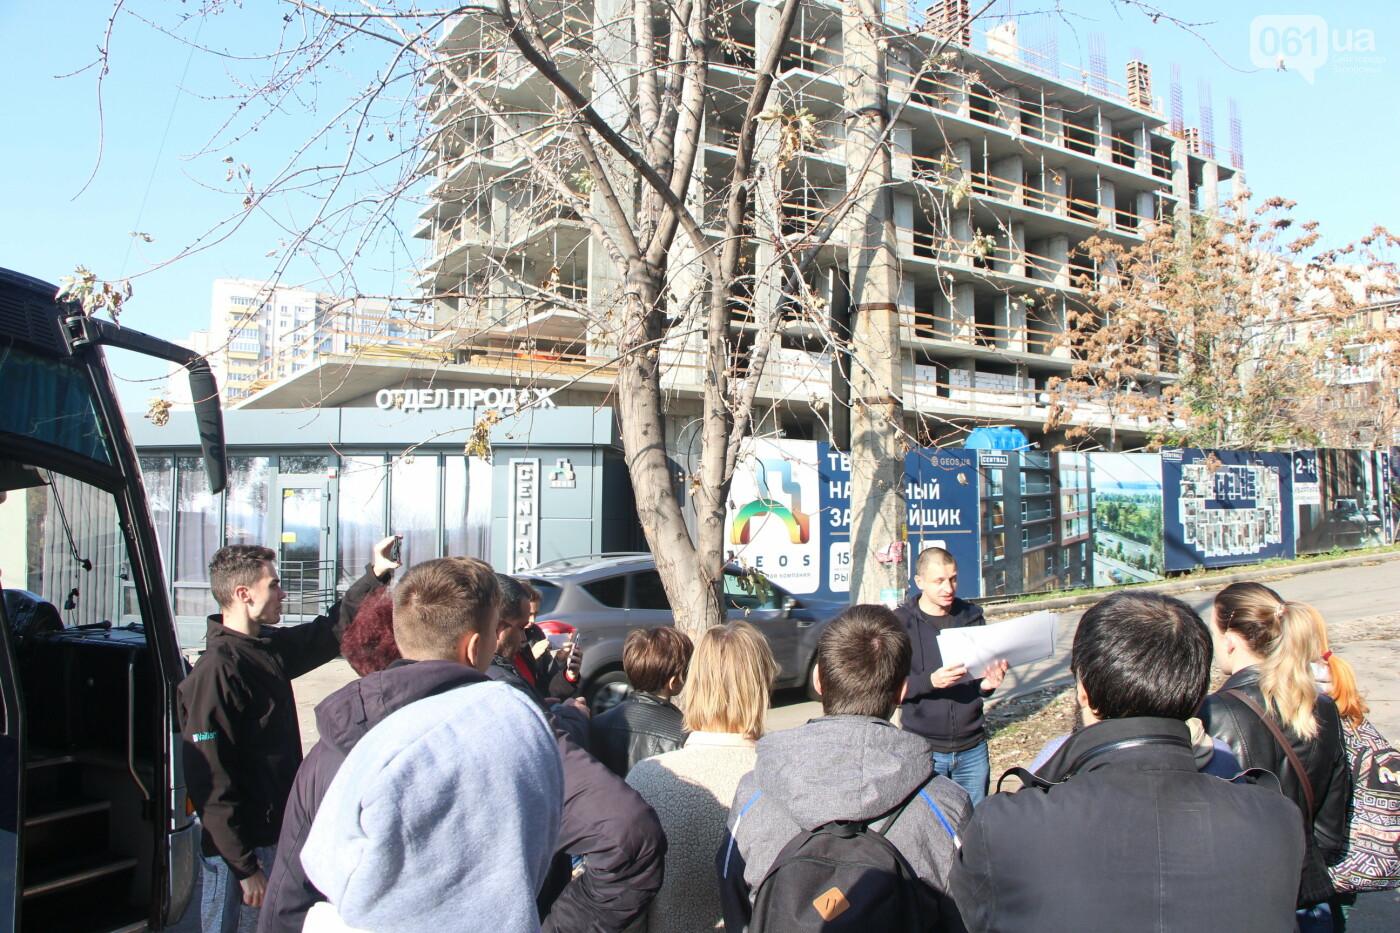 """""""Анисимов просто лох"""": на антикоррупционной экскурсии рассказали, кто приезжает в новый """"золотой офис"""", - ФОТОРЕПОРТАЖ, фото-4"""